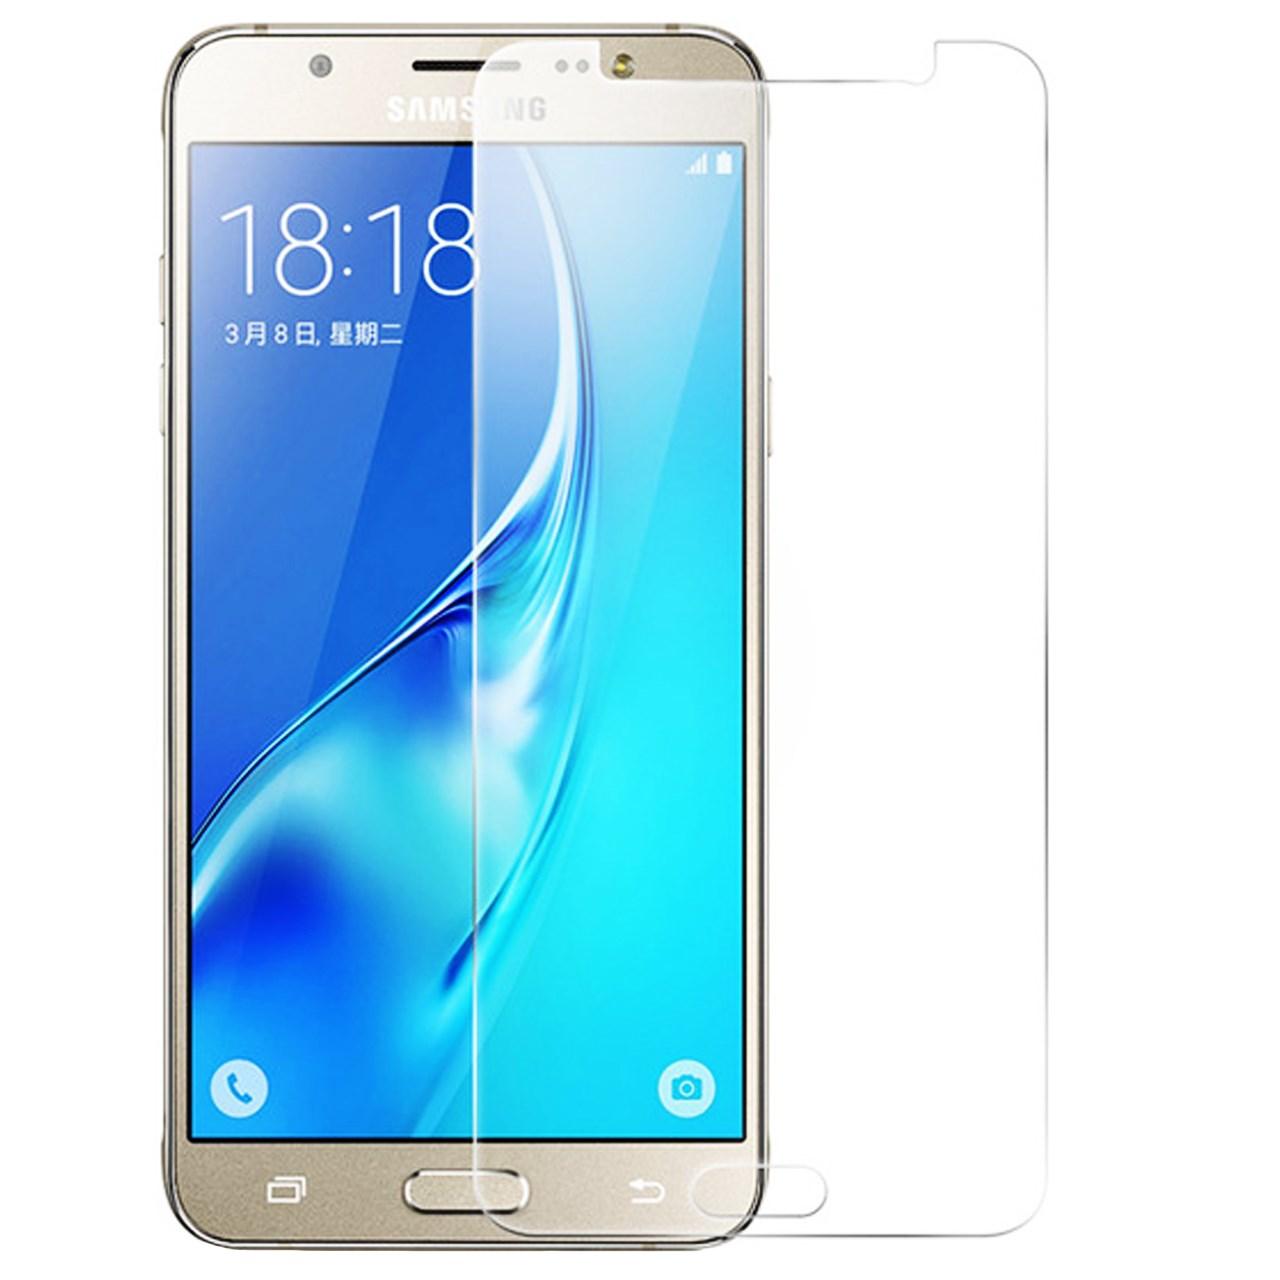 محافظ صفحه نمایش شیشه ای مدل Tempered مناسب برای گوشی موبایل سامسونگ گلکسی Grand Prime Pro